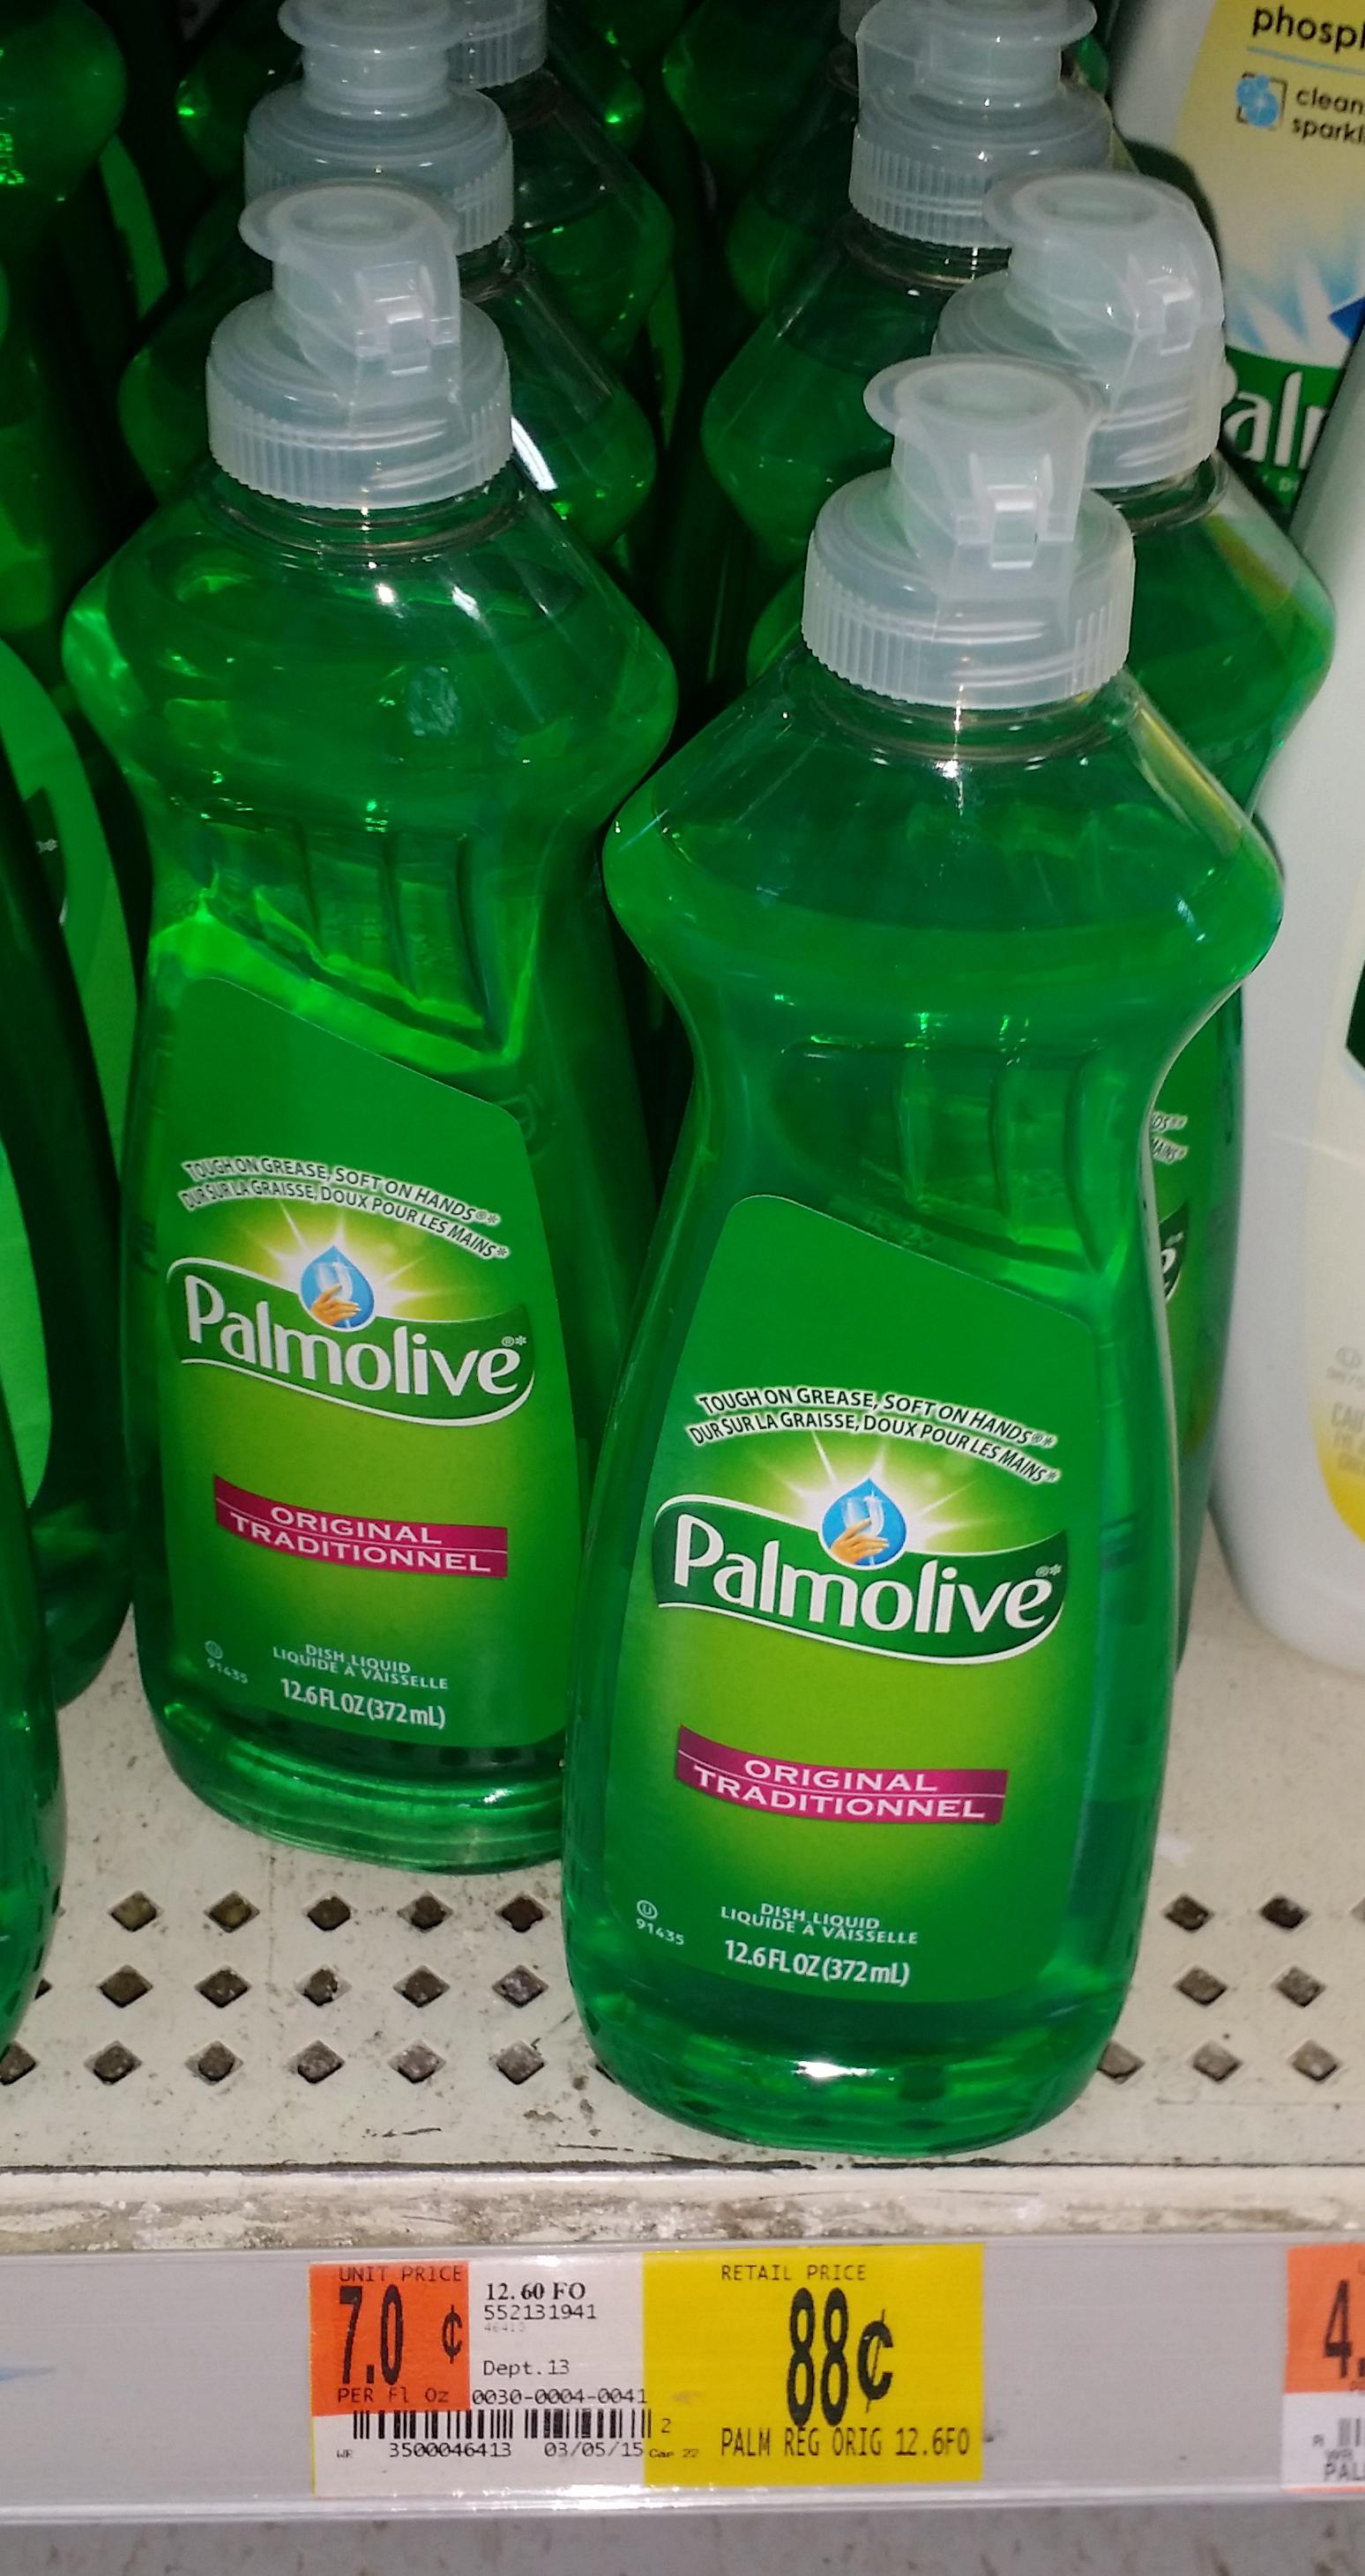 Palmolive Dish Soap Just $.63 at Walmart!